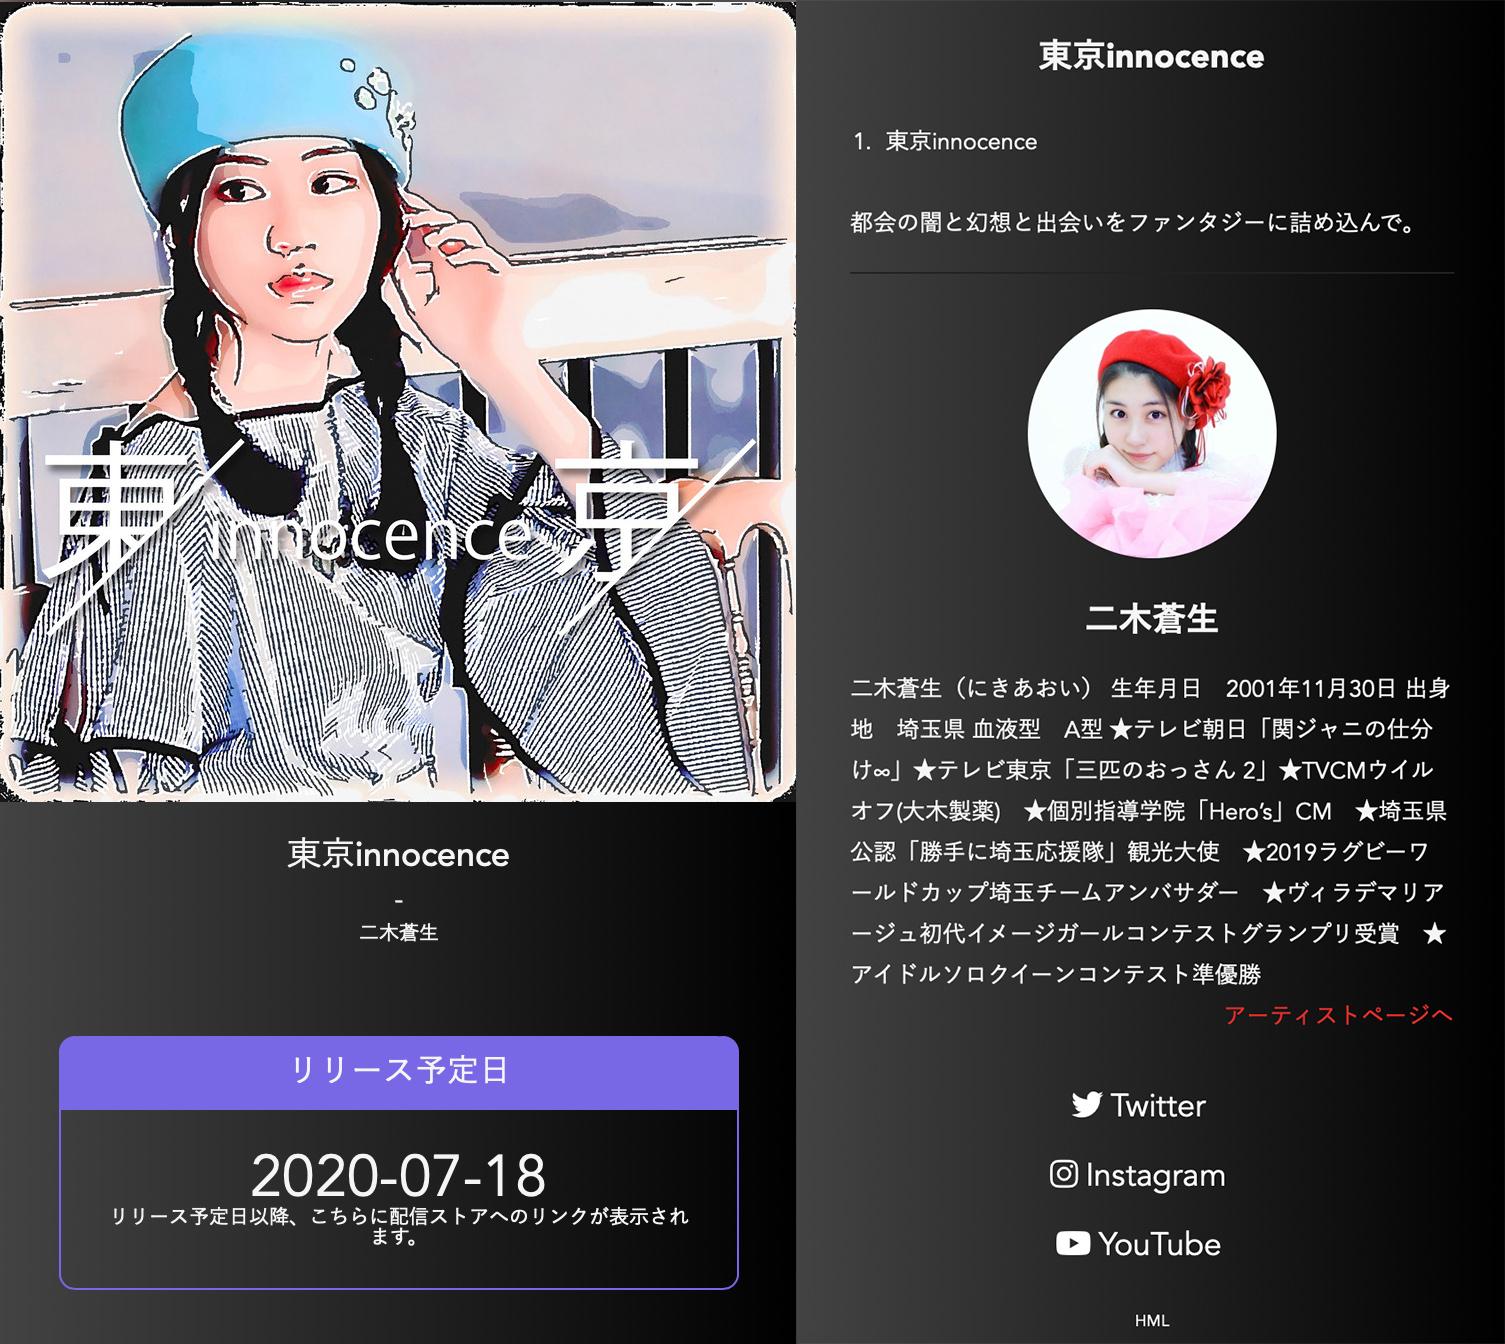 7/18(土)2020年新曲「東京innocence」配信開始